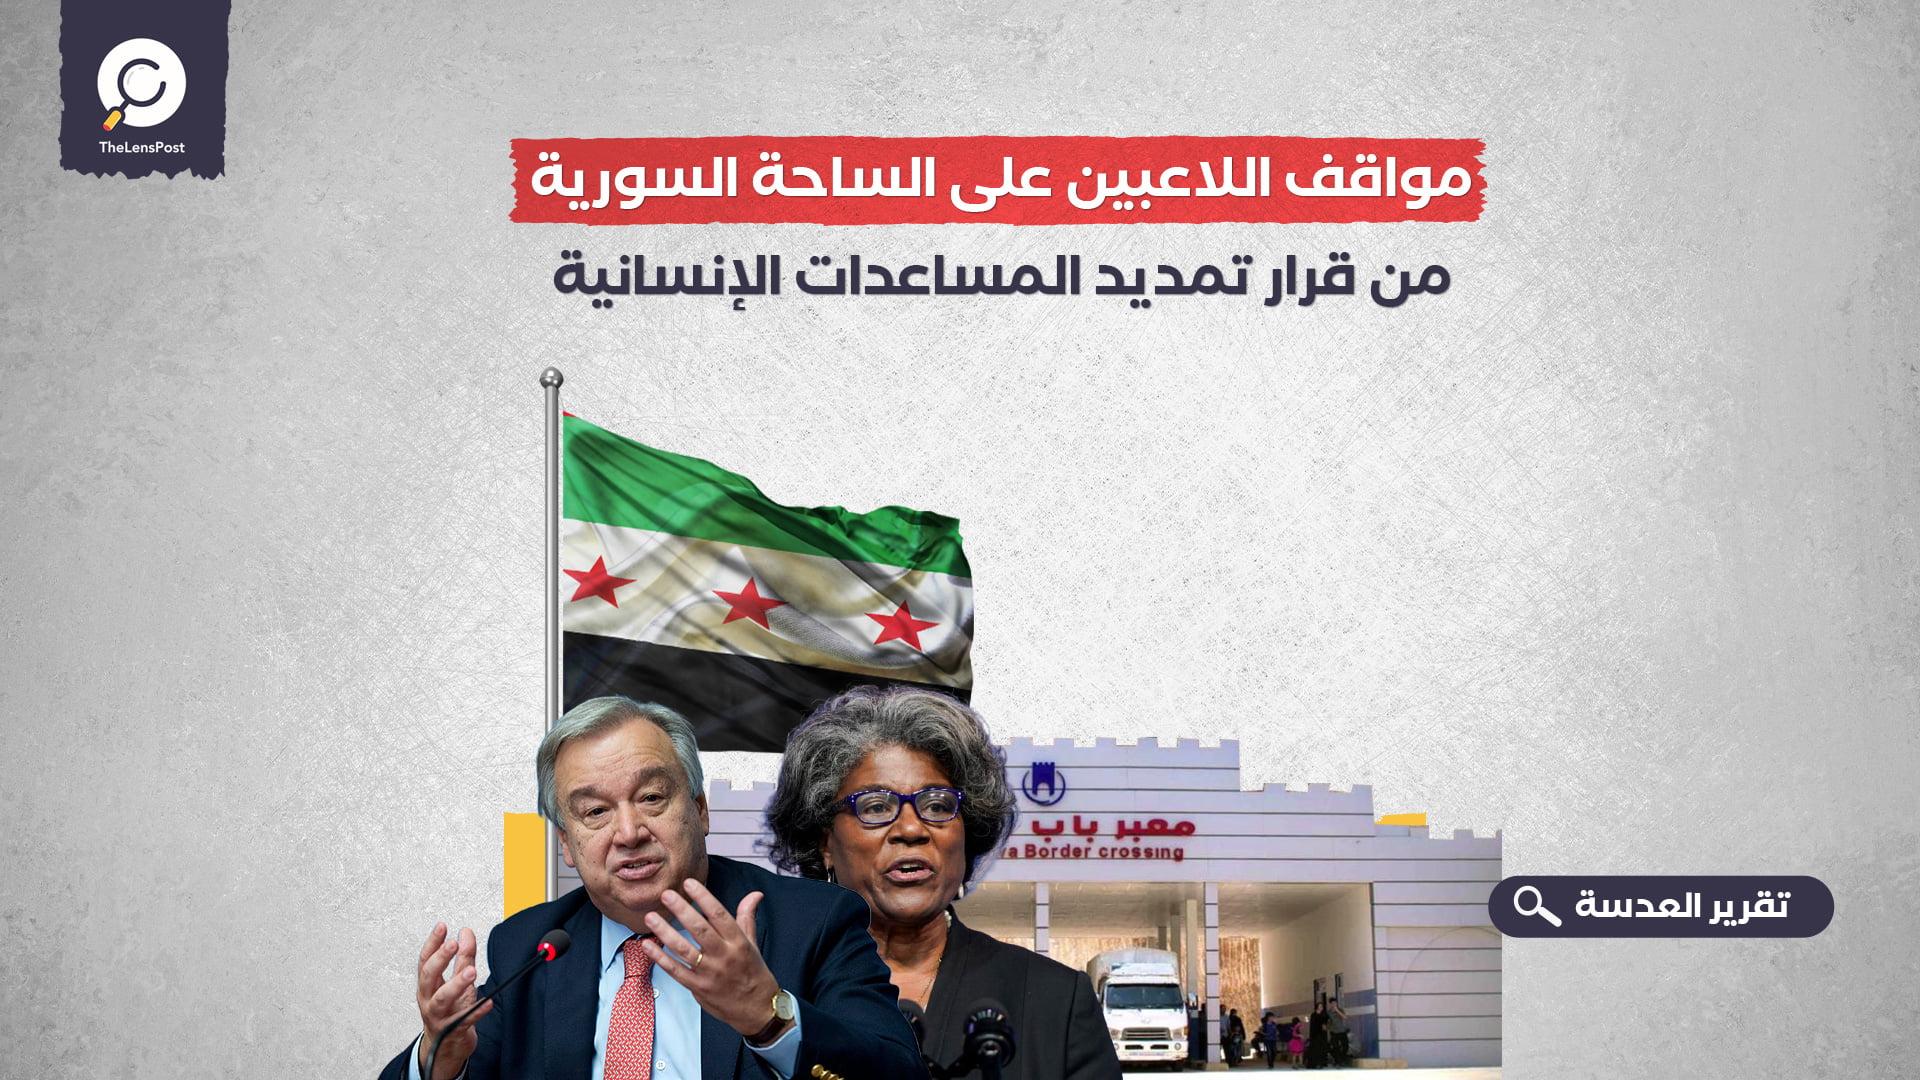 مواقف اللاعبين على الساحة السورية من قرار تمديد المساعدات الإنسانية